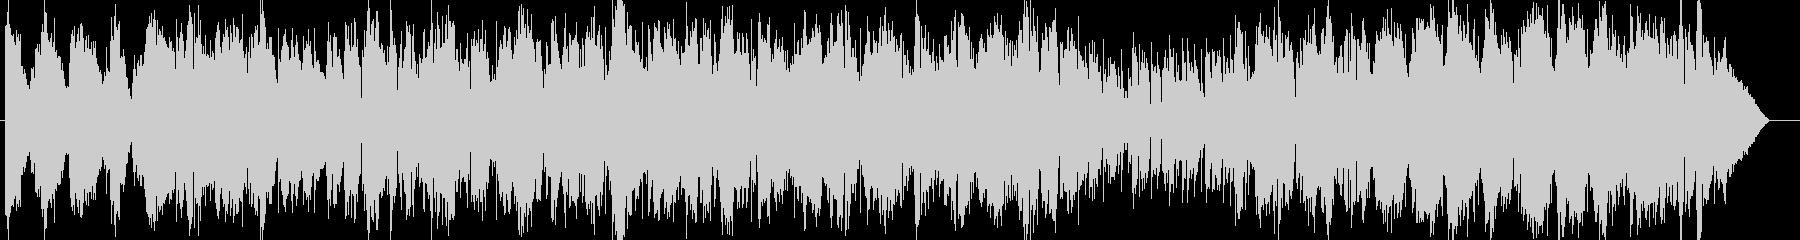 少しクラシカルな弦楽器系のポップスの未再生の波形